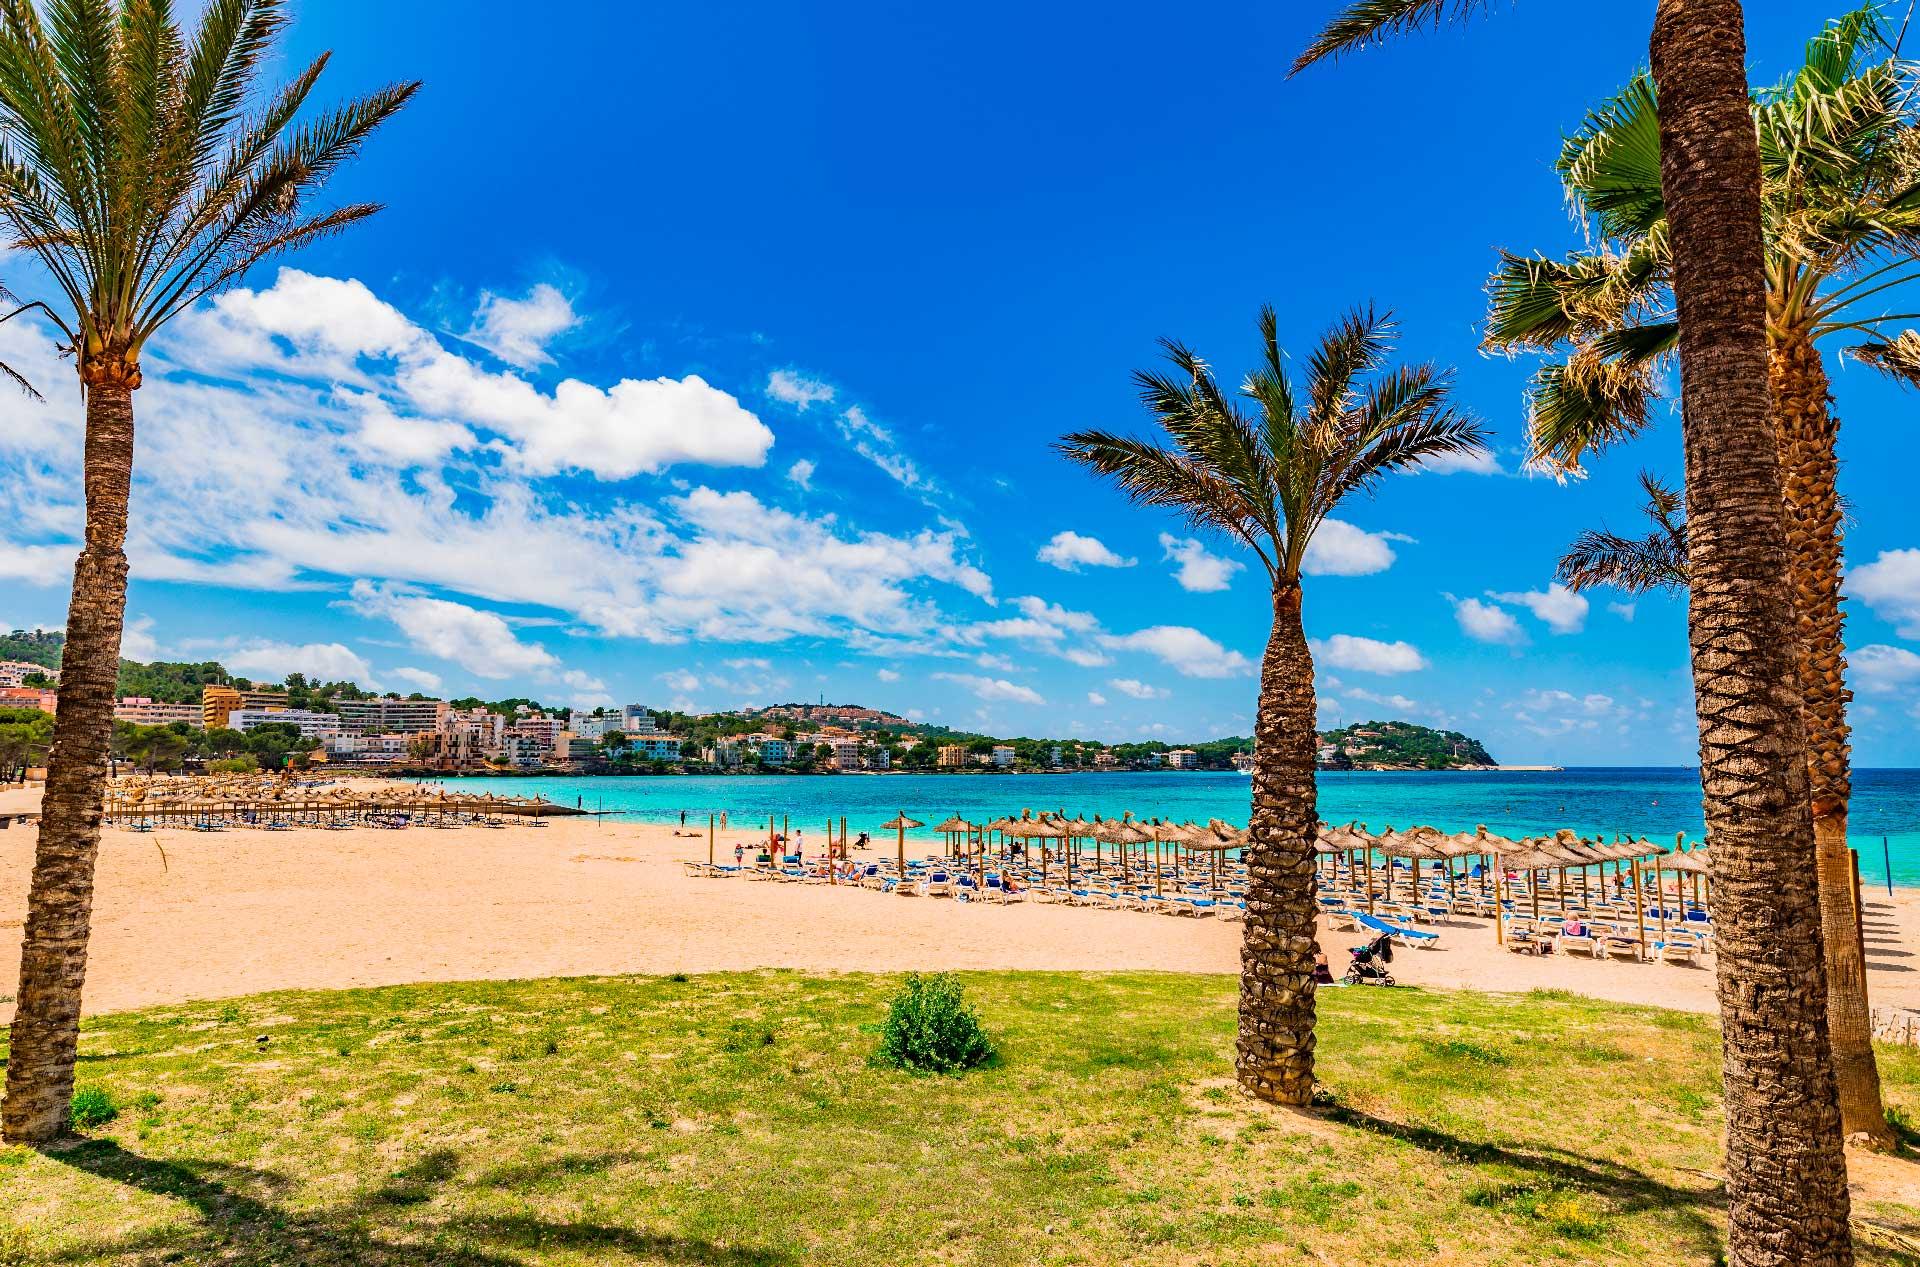 Vacanze alle Baleari tra sole, mare e divertimento